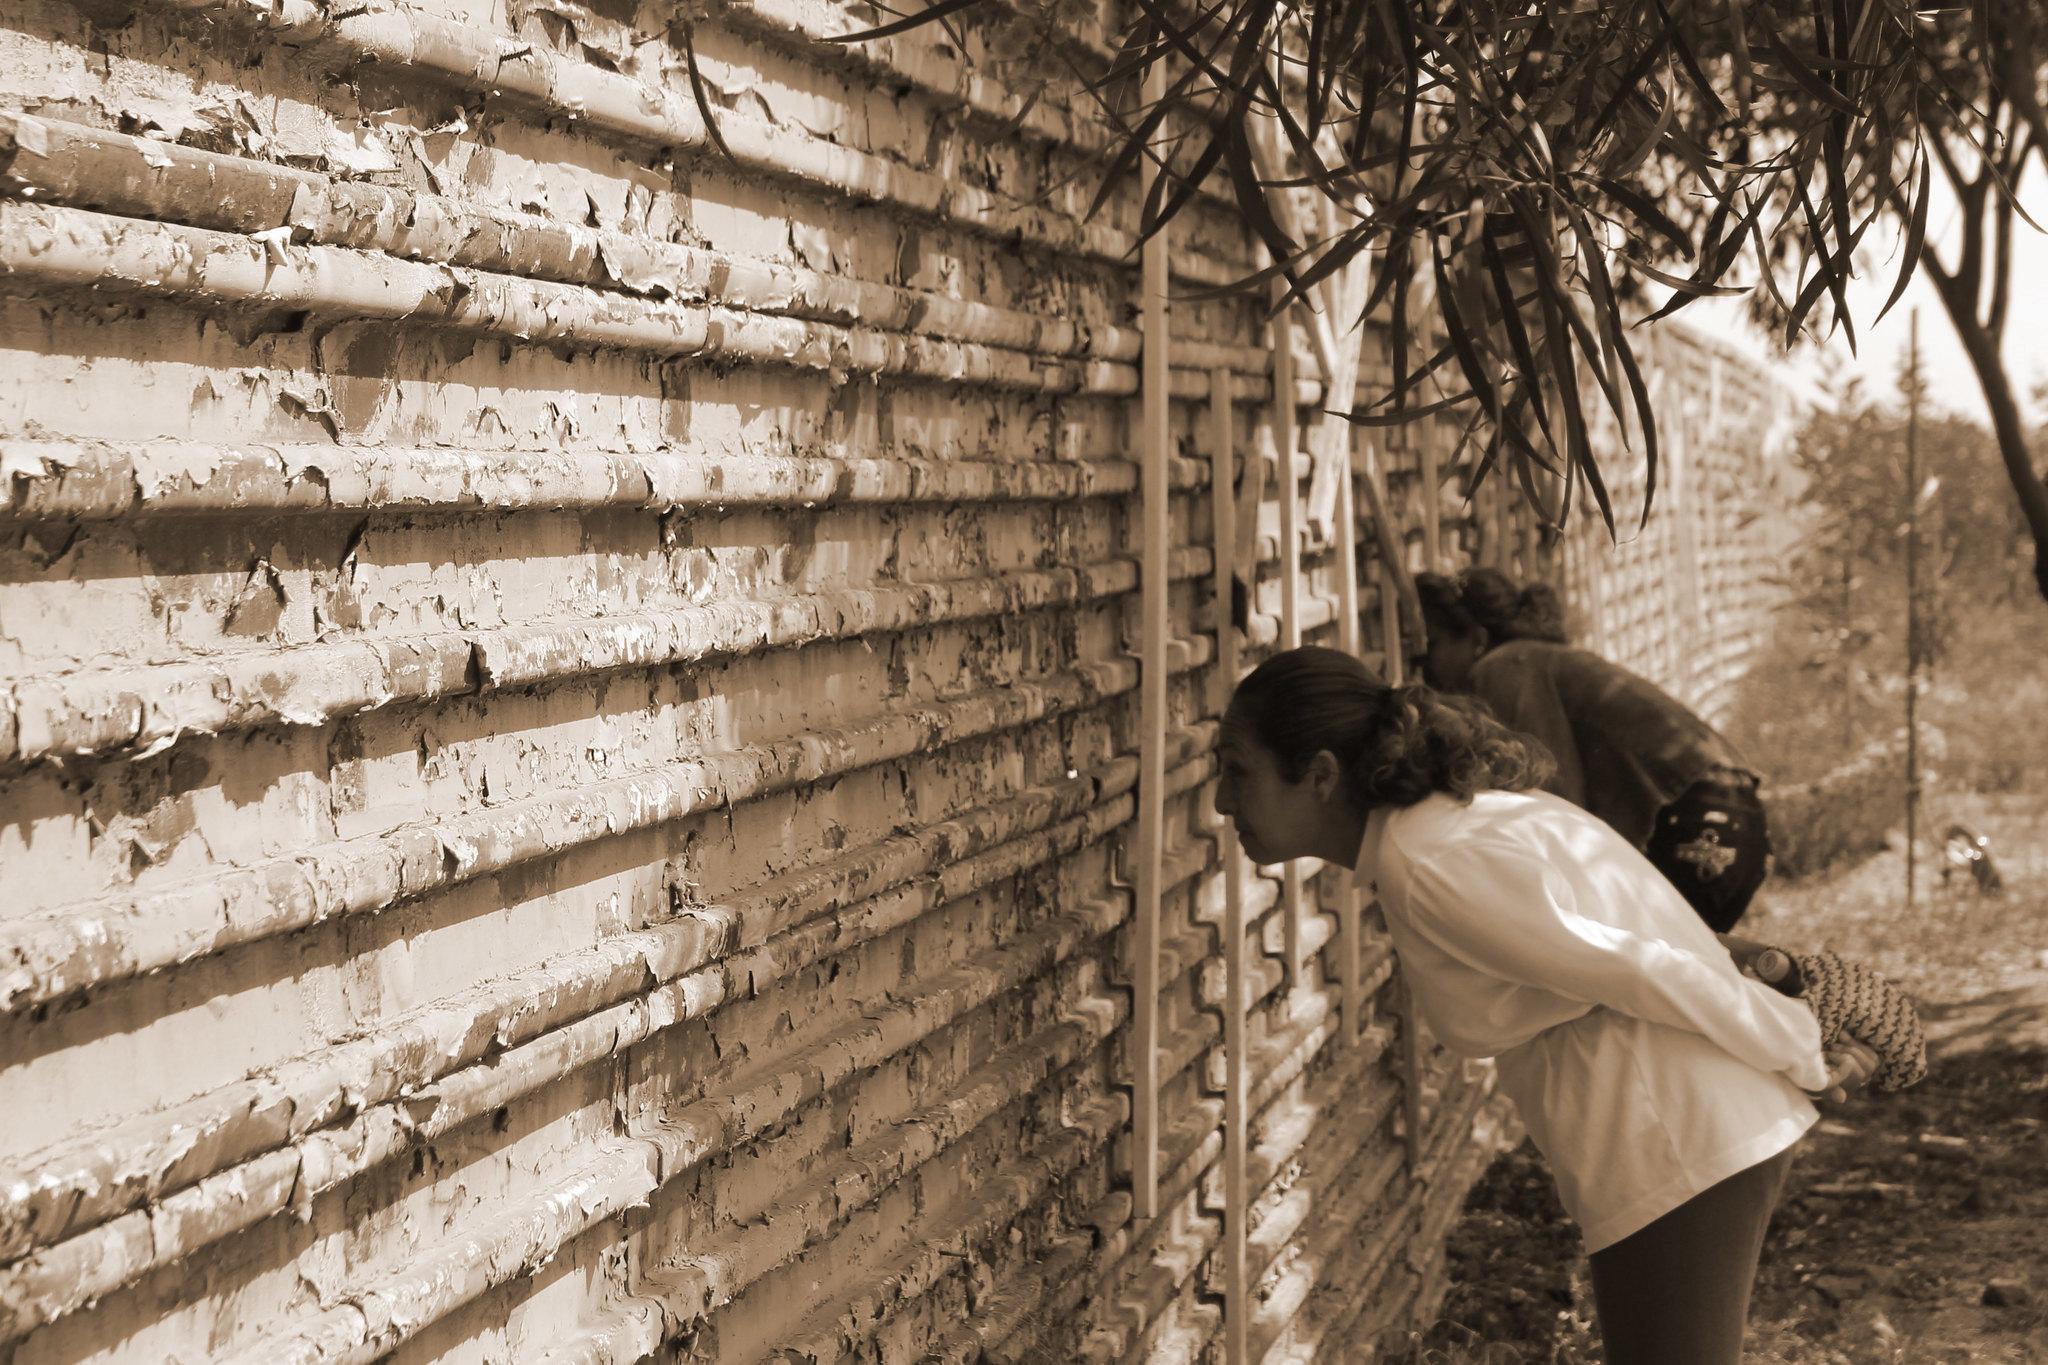 """""""Mirando los sueños"""", fotografía por Pies cansados, extraída de Flickr."""